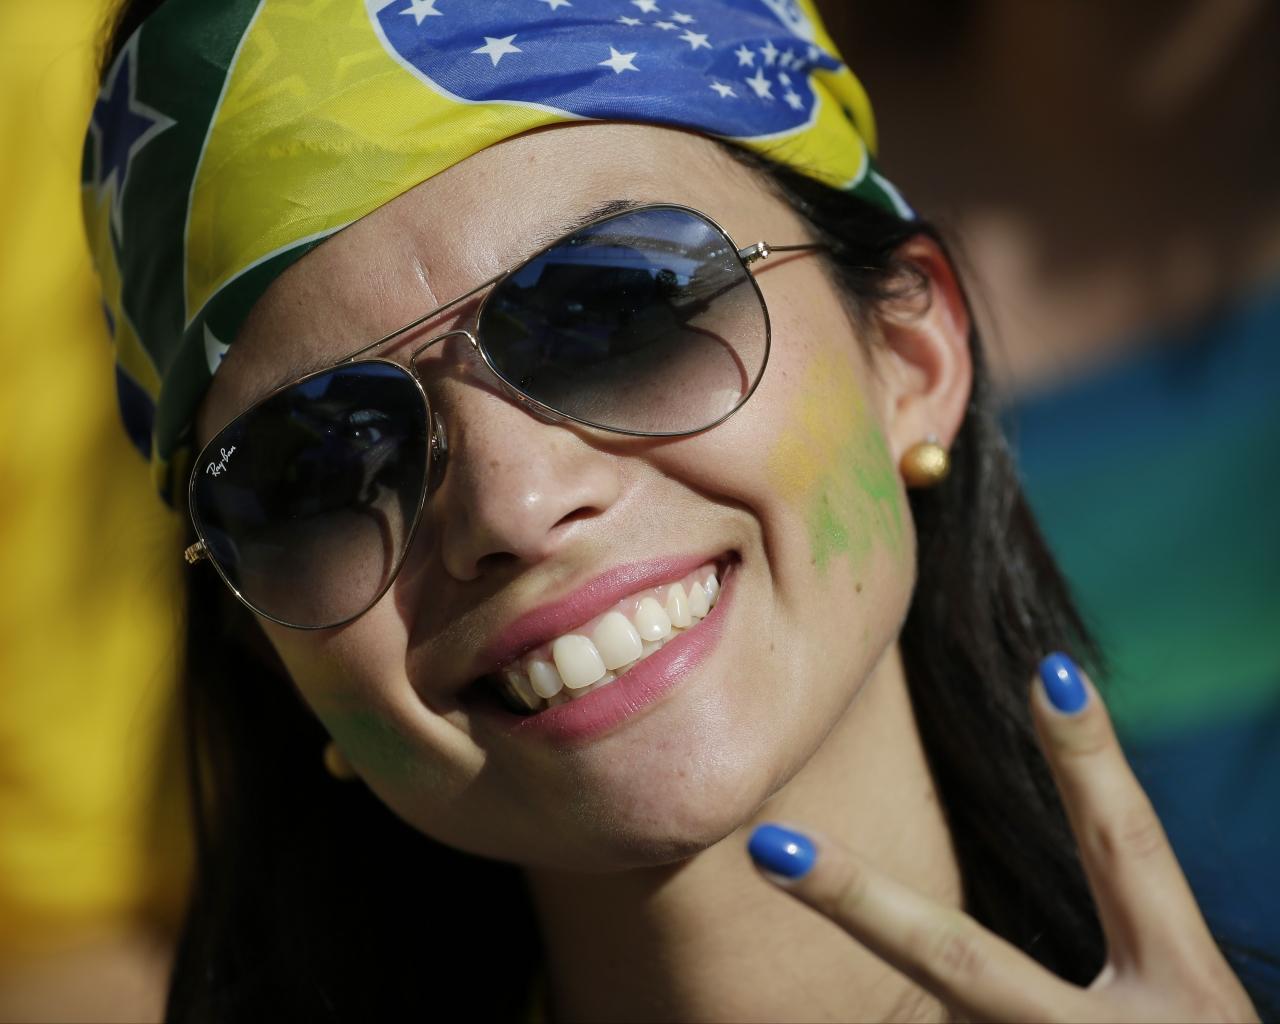 Bellas Brasileñas en el Mundial - 1280x1024